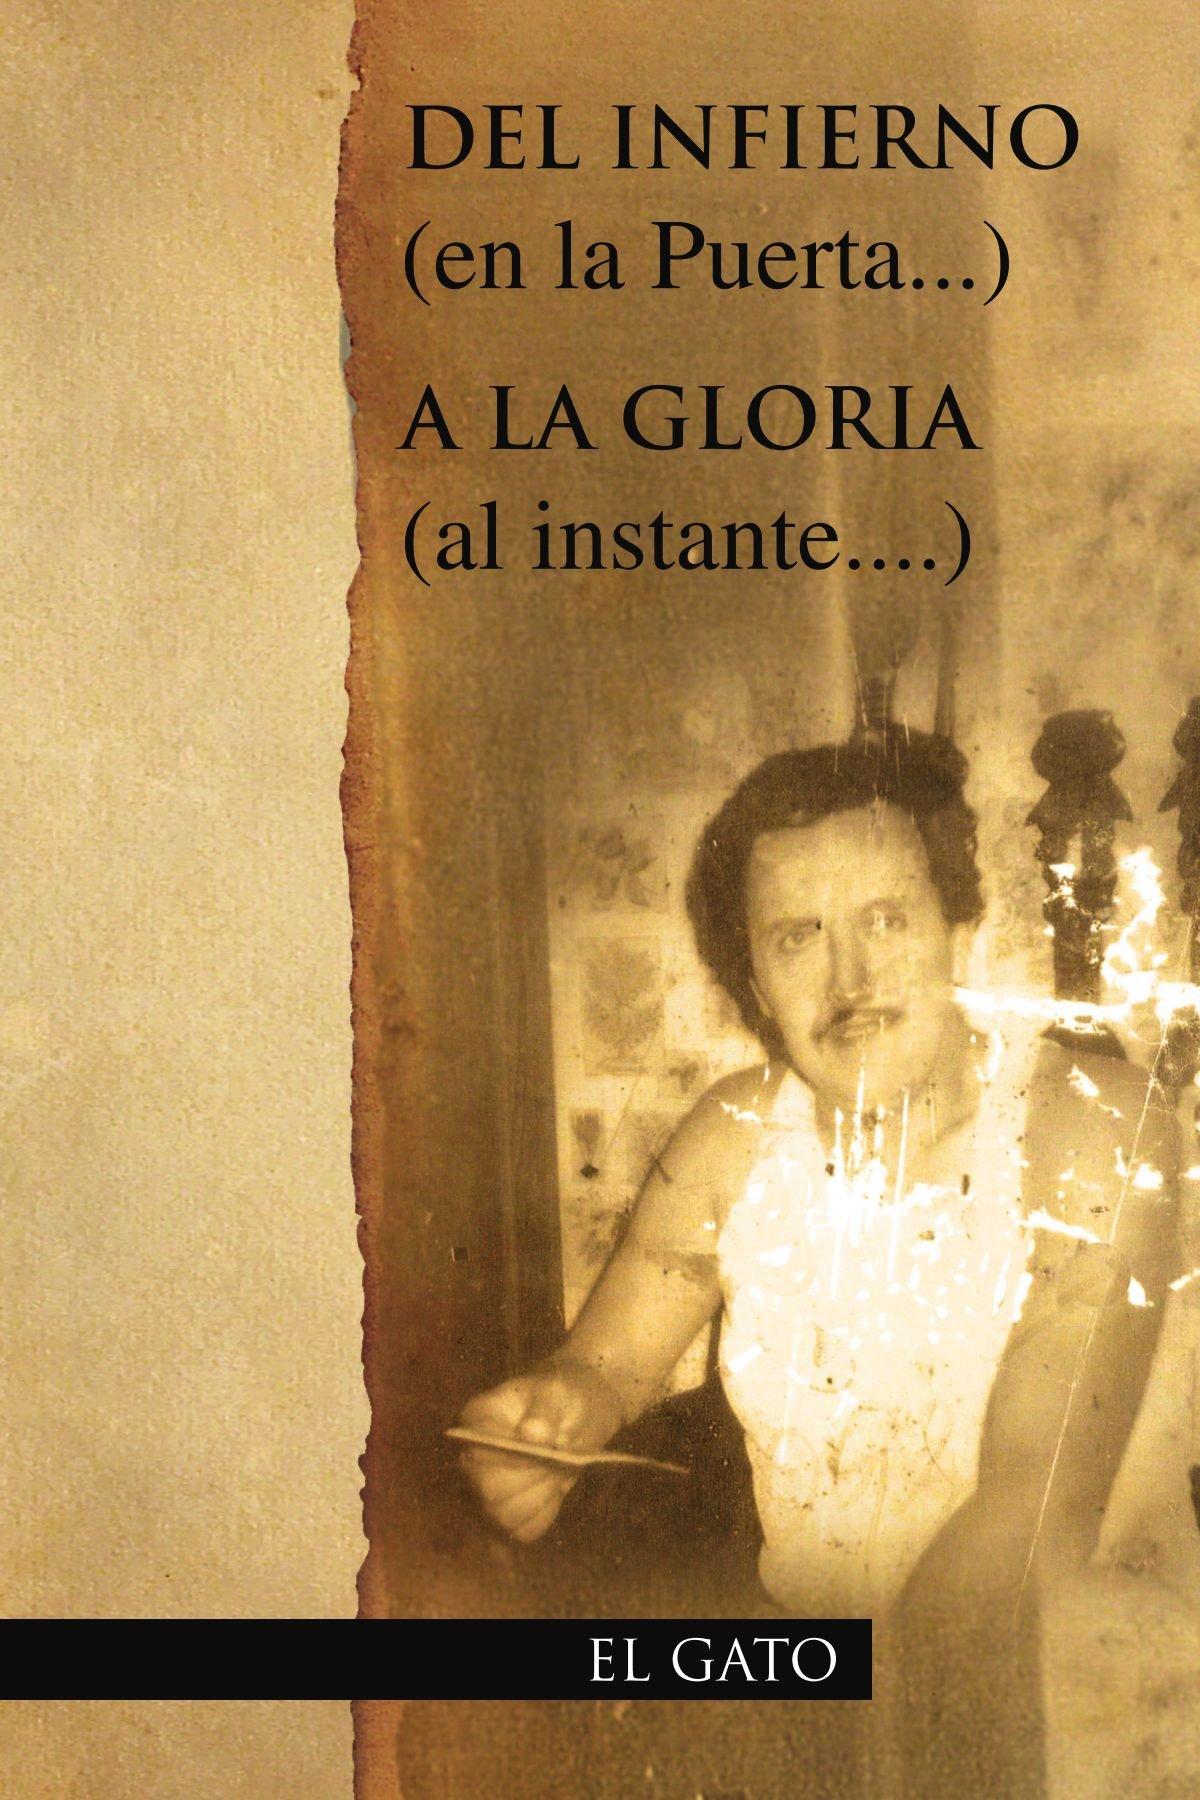 DEL INFIERNO (en la Puerta...) A LA GLORIA (al instante....) (Spanish Edition) (Spanish) Paperback – April 9, 2010